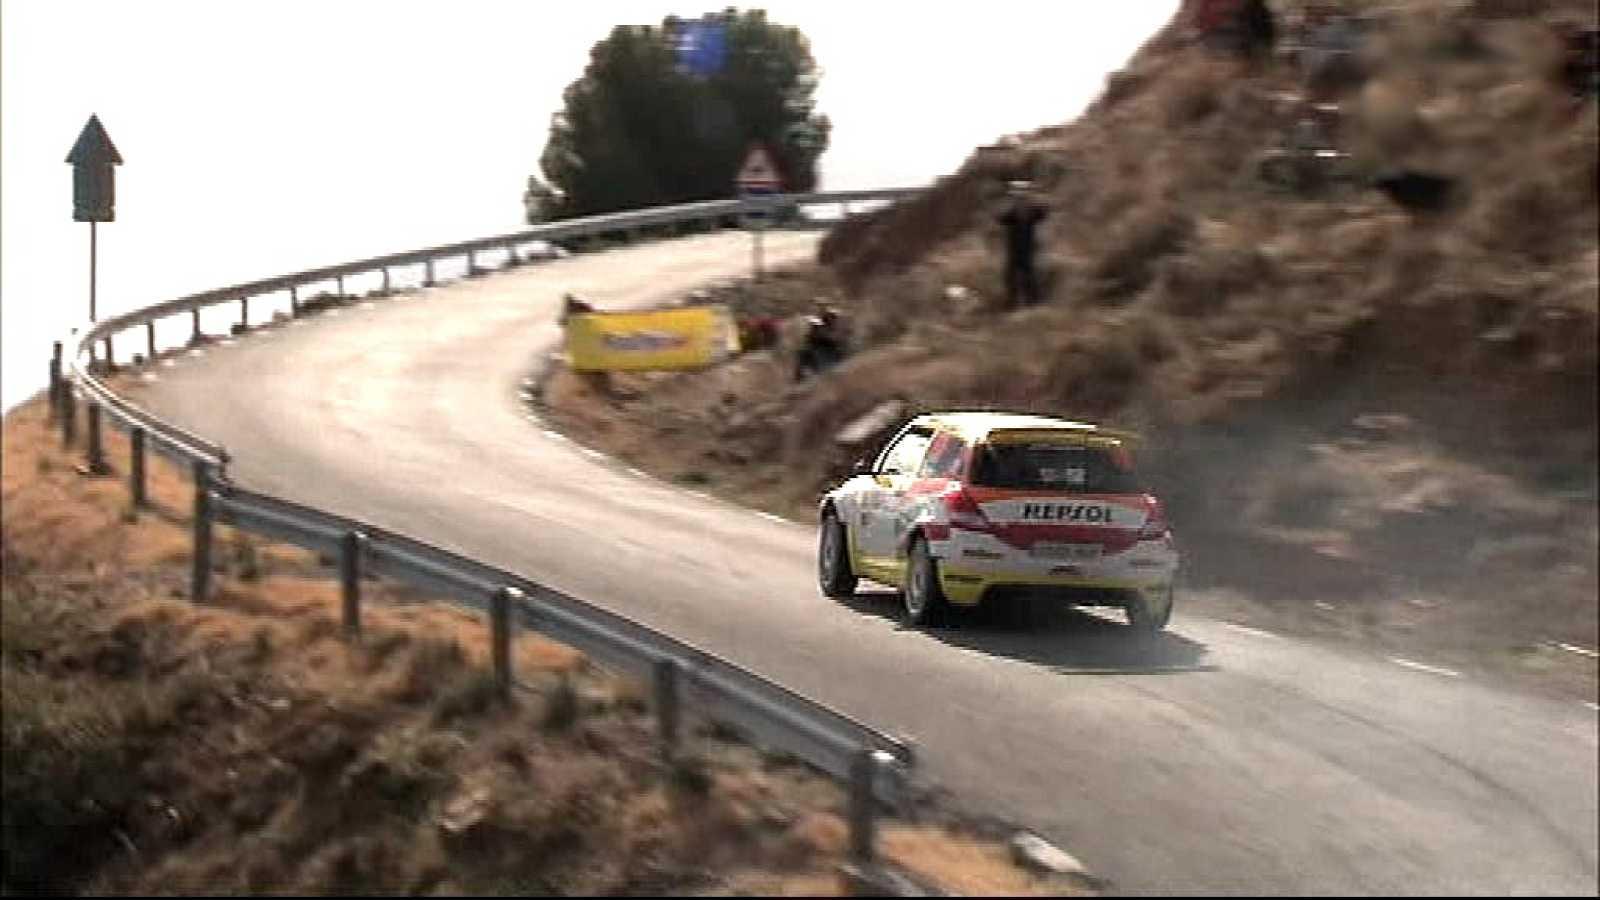 Automovilismo - Campeonato de España de Rallyes de Asfalto. 'Rally de Madrid'